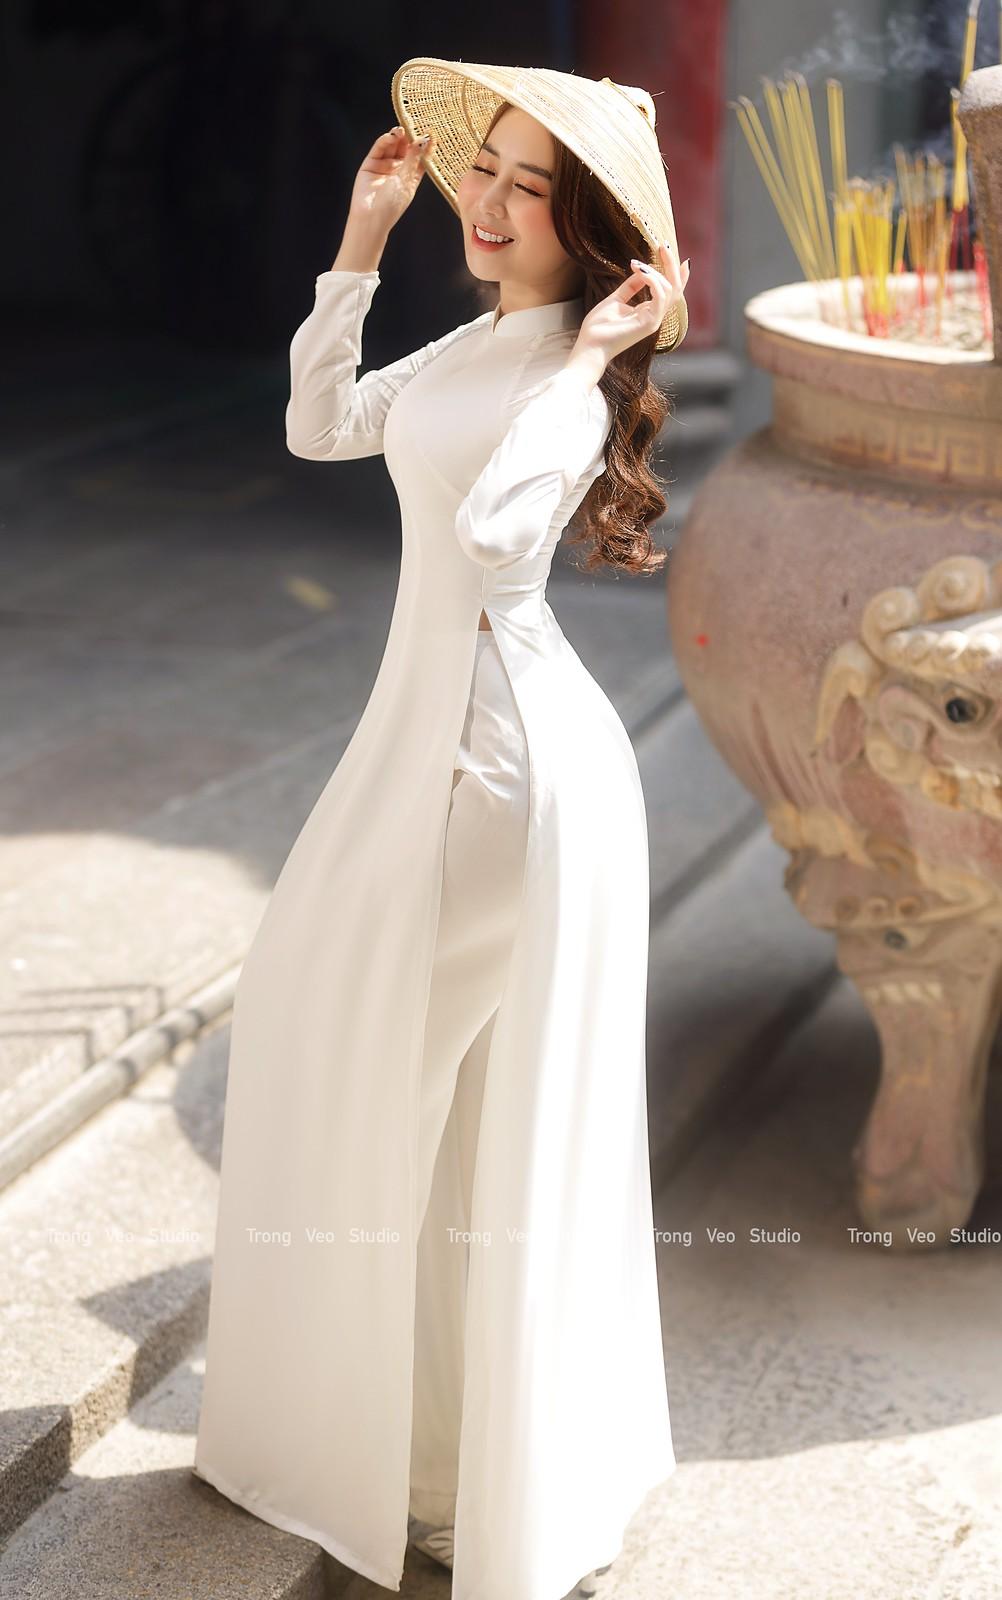 Ngắm hot girl Lục Anh xinh đẹp như hoa không sao tả xiết trong tà áo dài truyền thống - 25